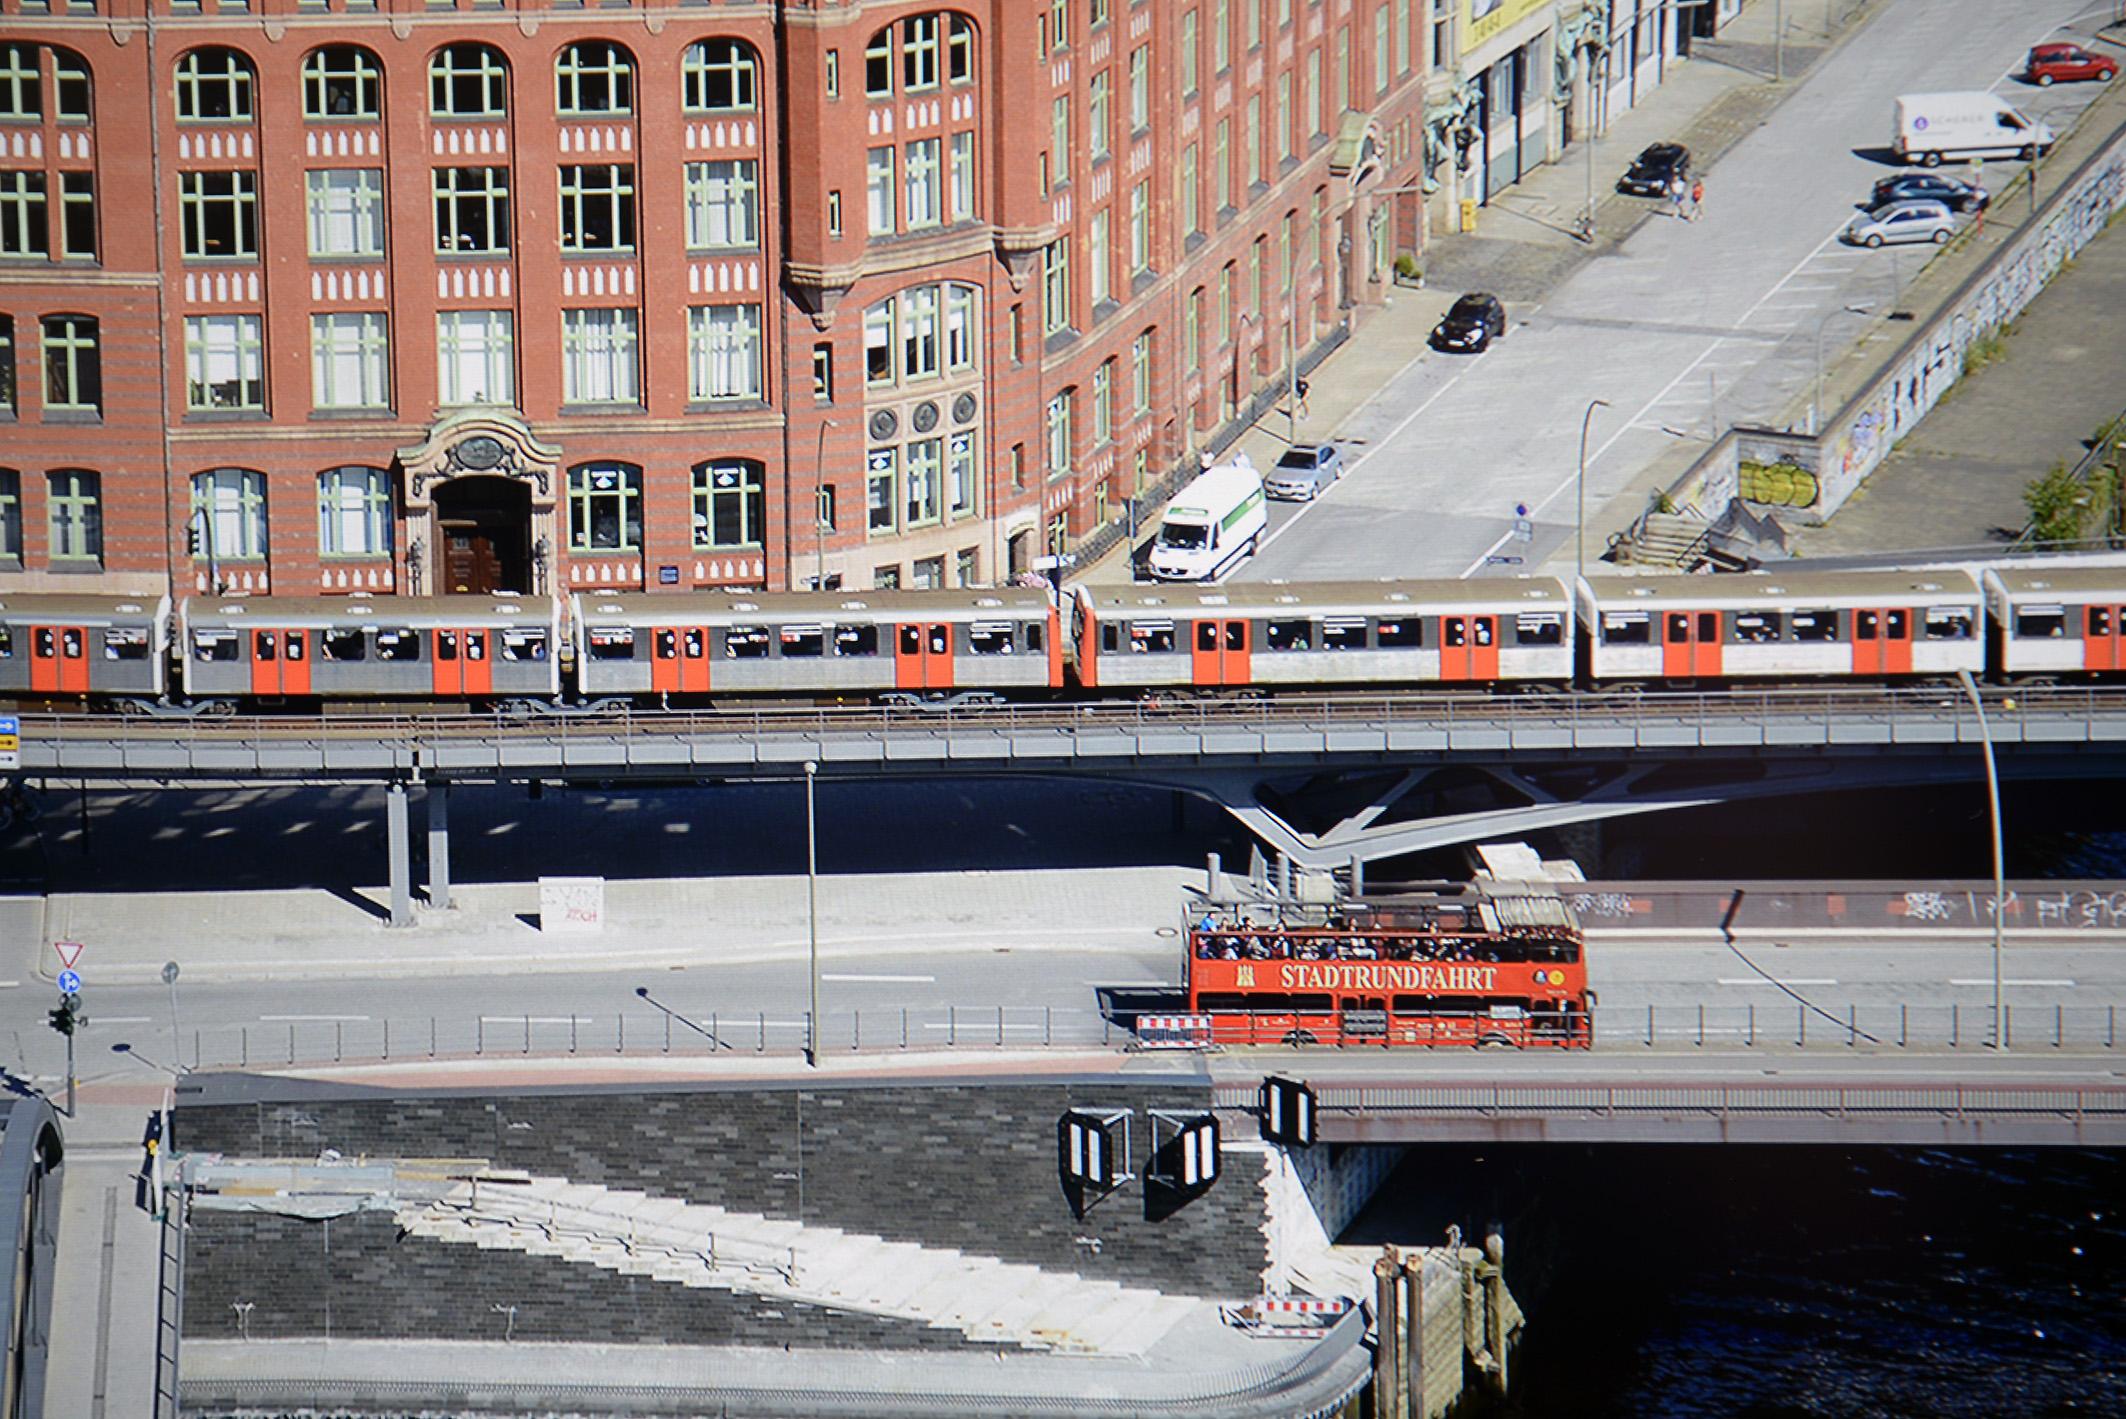 """Diese Panoramaaufnahme von Hamburg habe ich aus der 21. Etage des Hanseatic Trade Centers geschossen. Zu sehen ist eine etwa fünf Prozent große Ausschnittsvergrößerung des Bildwerkes auf dem SW271, auffallend gut gelingt die rote Farbdarstellung. Der rote Doppeldecker mit dem goldenen Schriftzug """"STADTRUNDFAHRT"""", die orangenen U-Bahntüren und das Backsteingebäude im Hintergrund werden originalgetreu reproduziert. Die Darstellung der Straße zeigt den grauen Asphalt und sämtliche Steine perfekt, auch die weiße Treppe zum Wasser ist klar und deutlich erkennbar. Foto: Michael B. Rehders"""